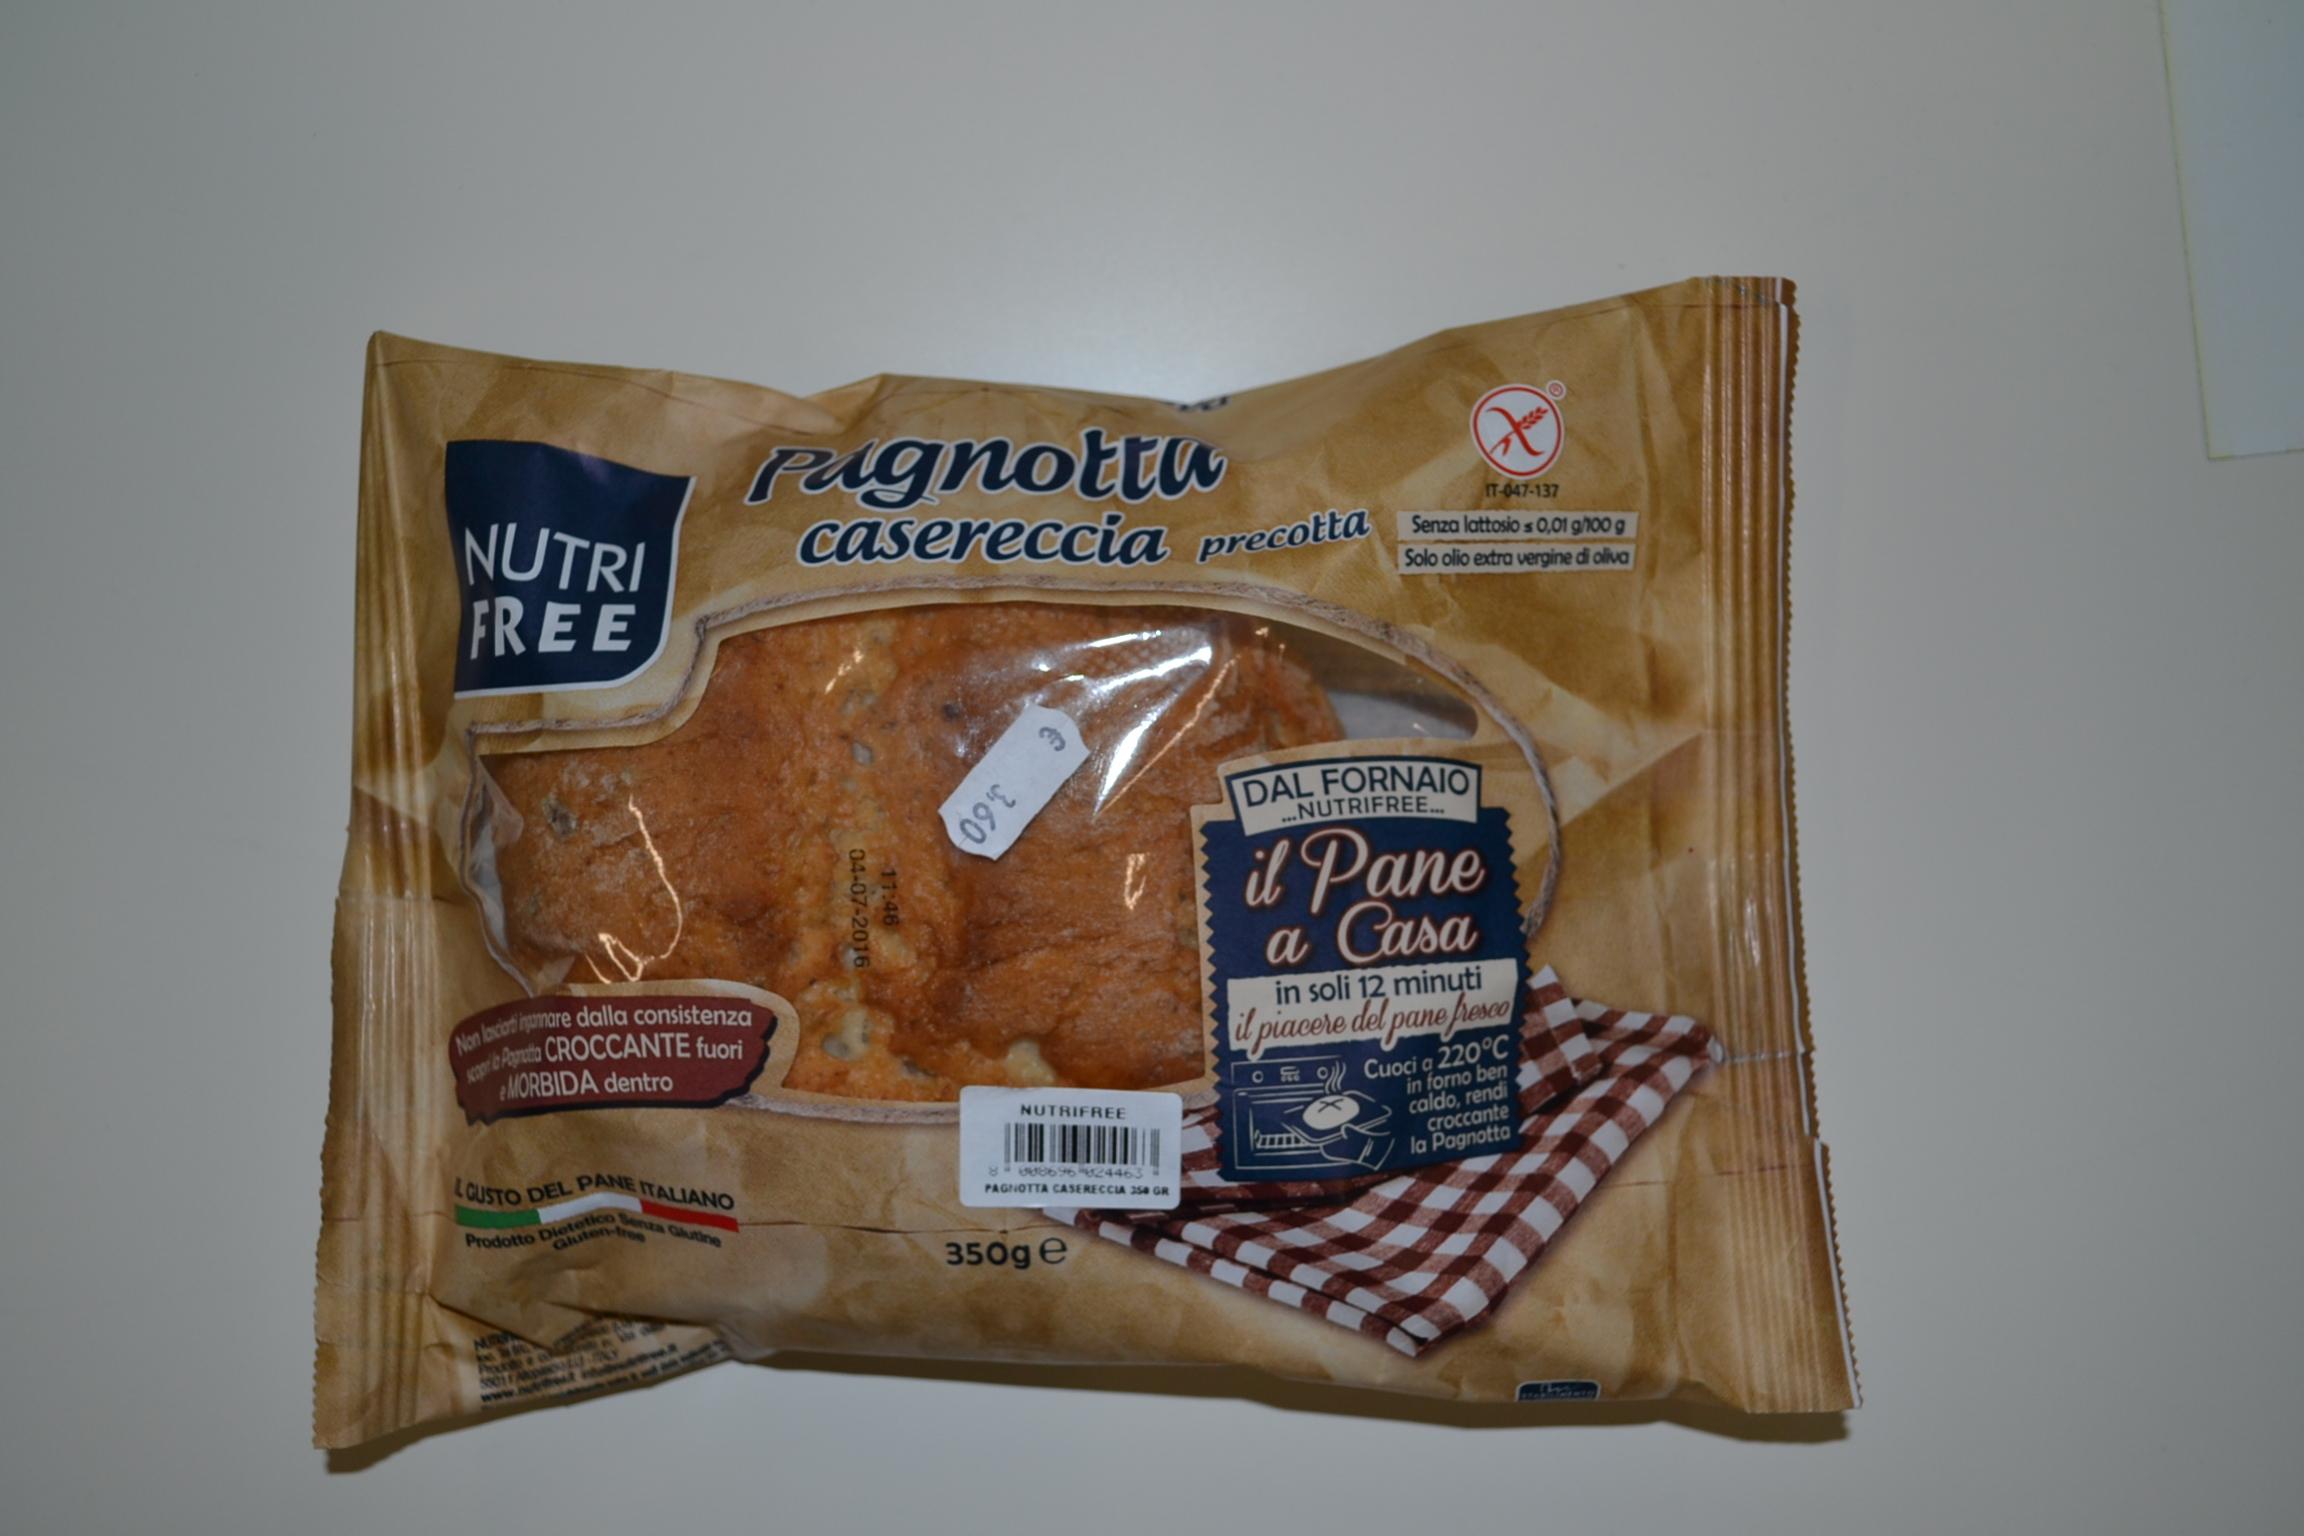 Pagnotta casereccia precotta NUTRIFREE € 3,60